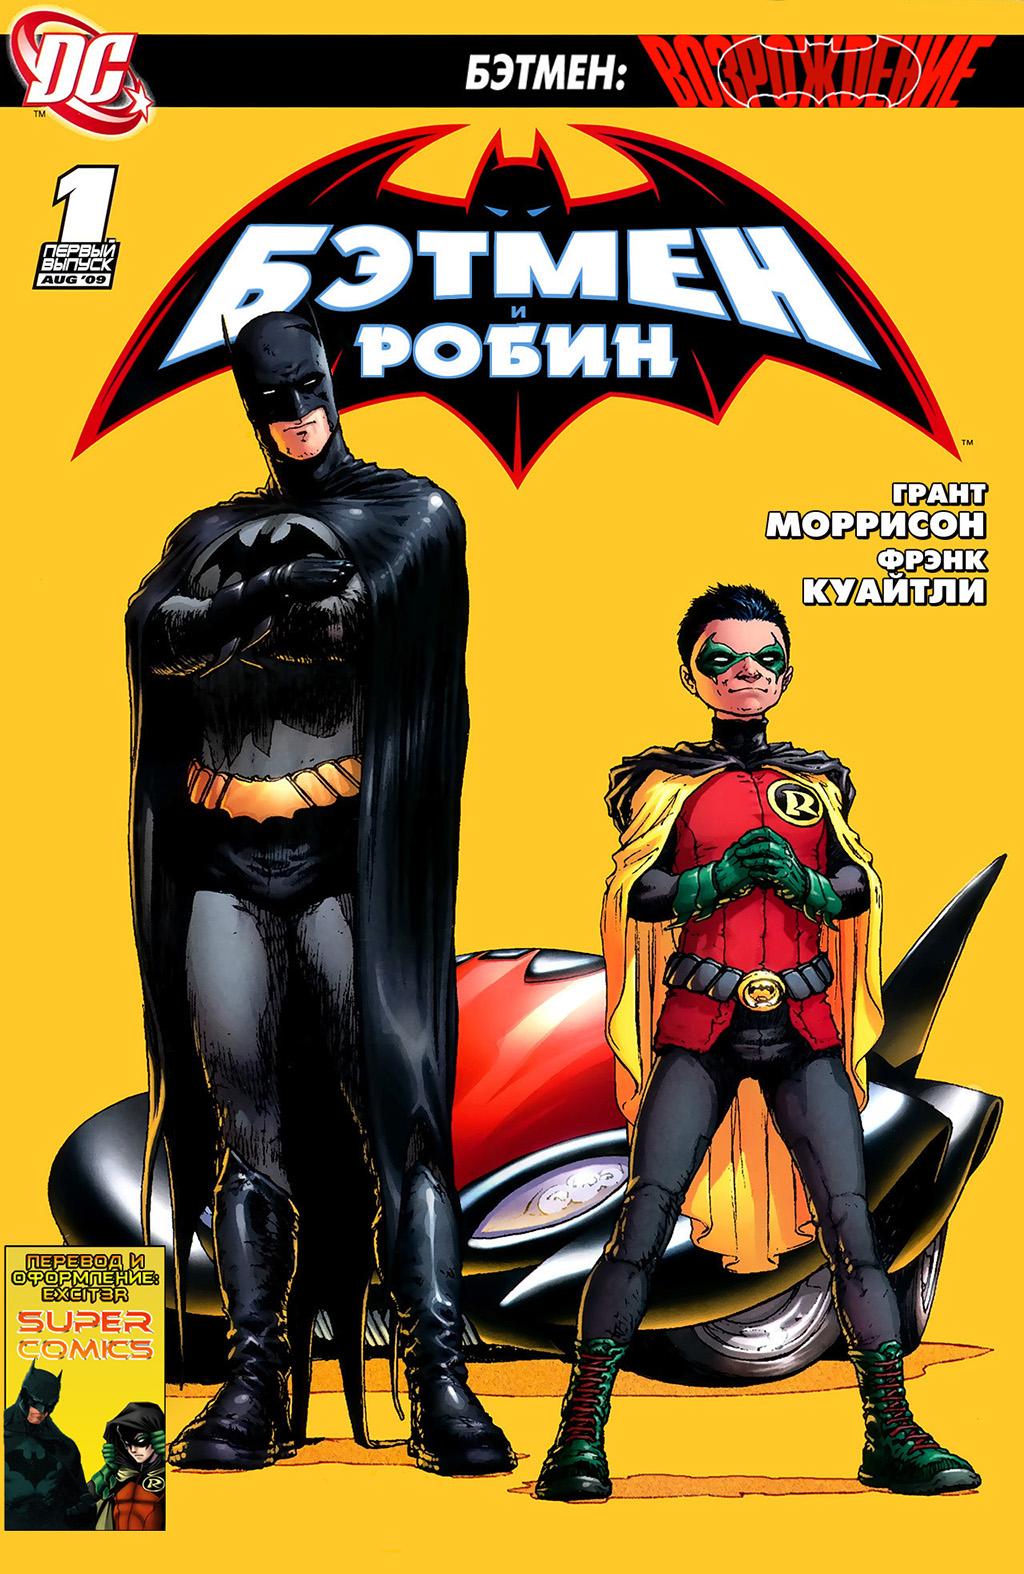 Комикс Бэтмен и Робин